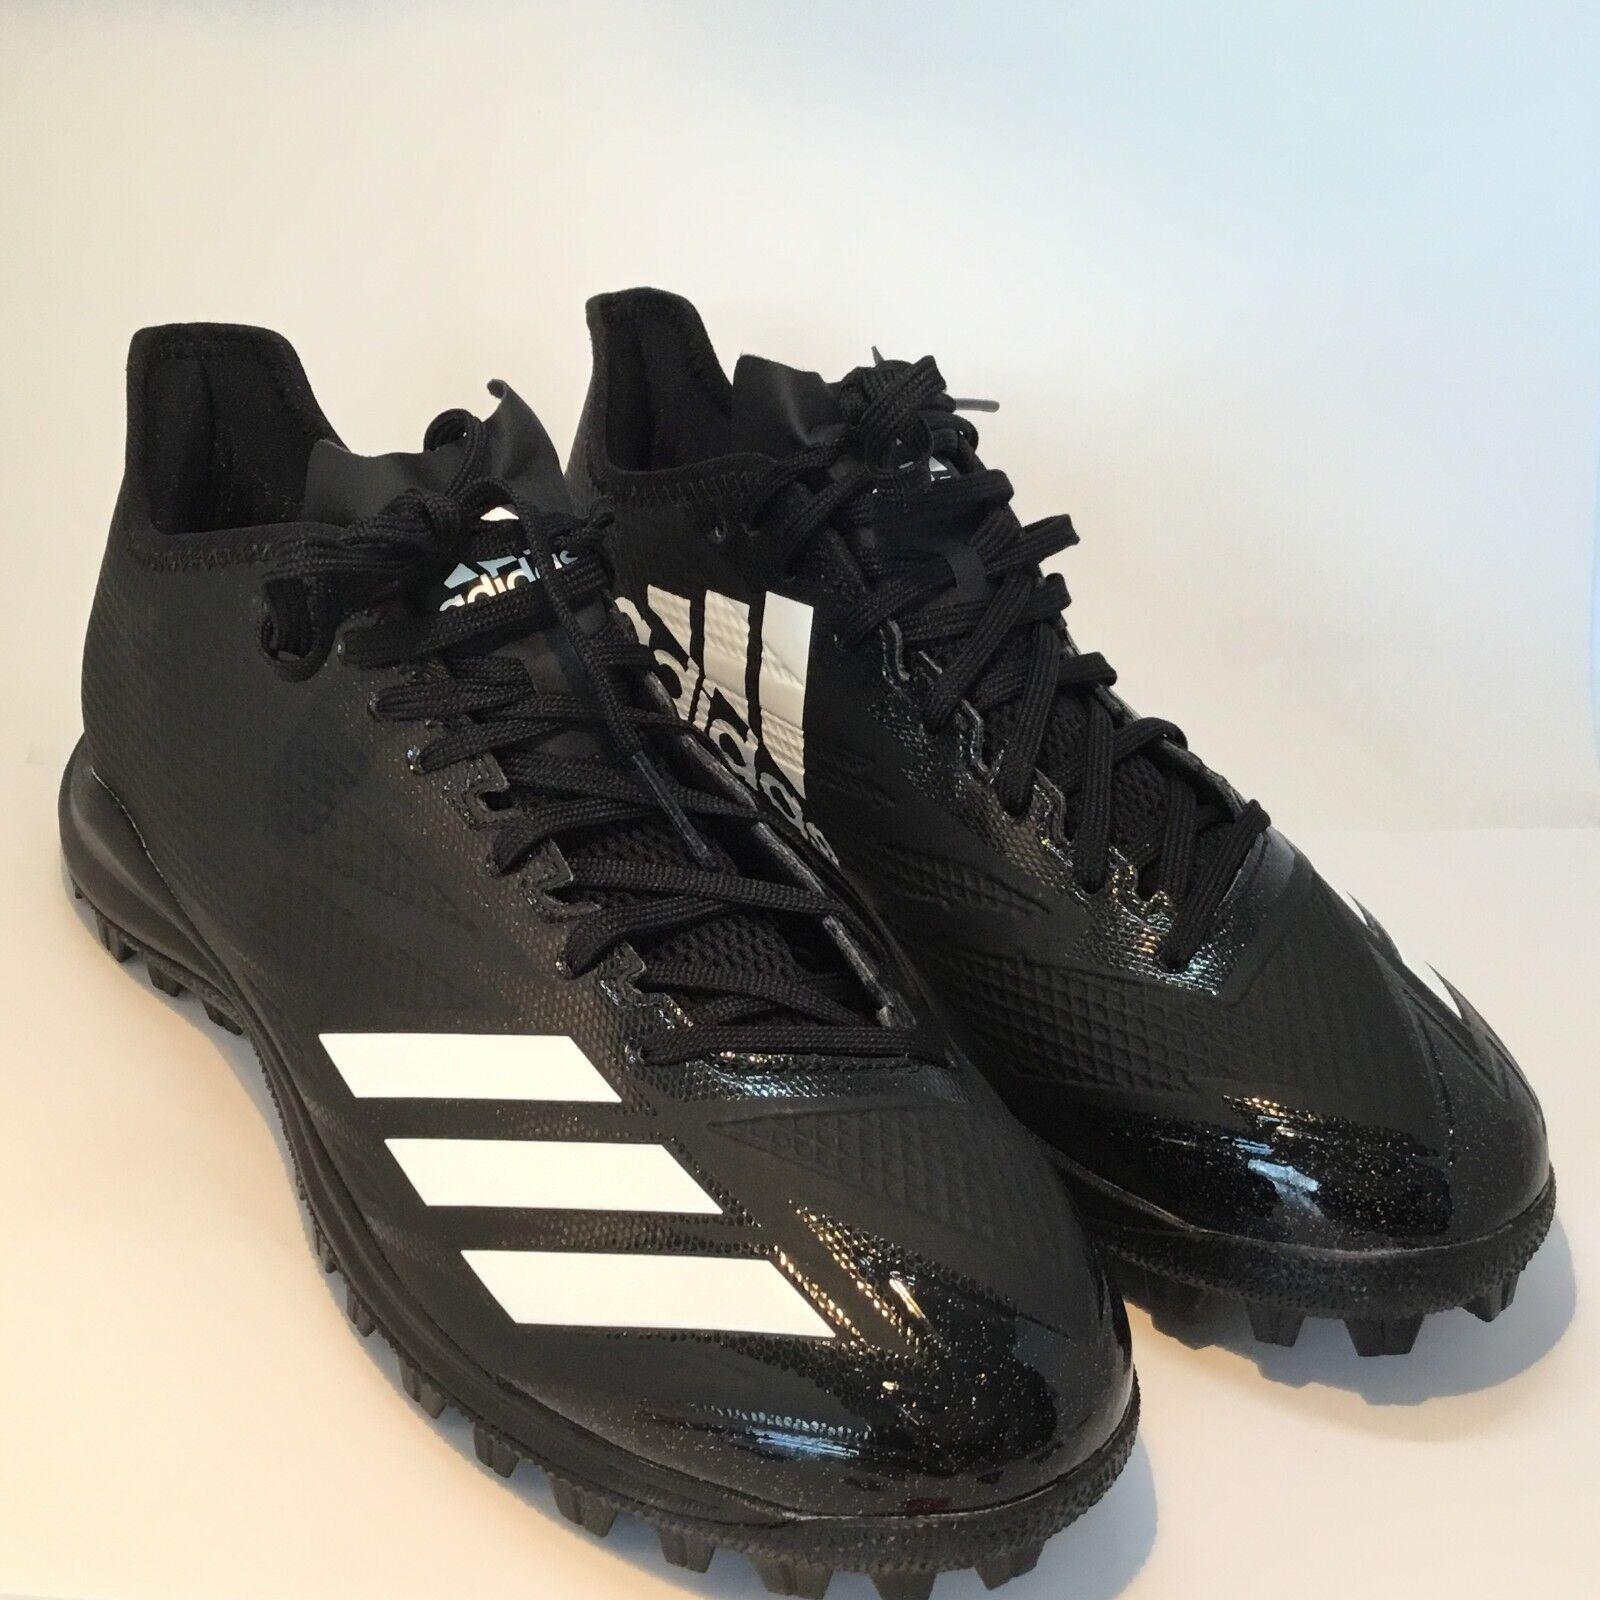 Adidas Adizero Αντρικά ΞœΞΞ³Ξ΅ΞΈΞΏΟ' 11 μαύρα παπούτσια ποδοσφαίρου AQ0119